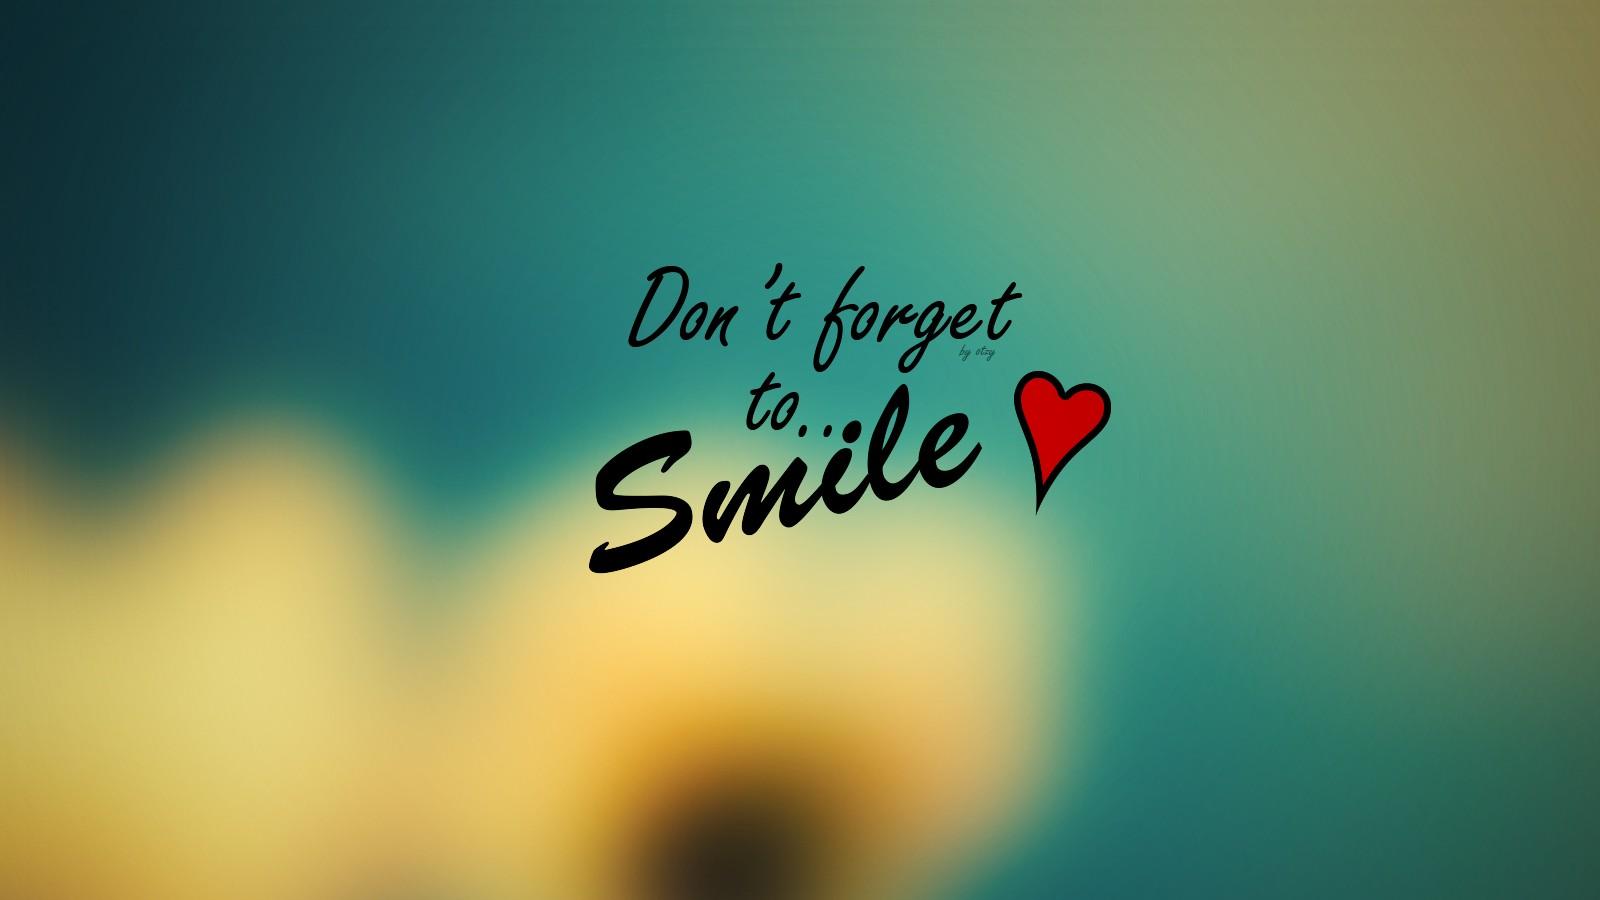 Smile Quotes Wallpaper Hd Fond D 233 Cran Illustration Citation Amour C Ur Texte